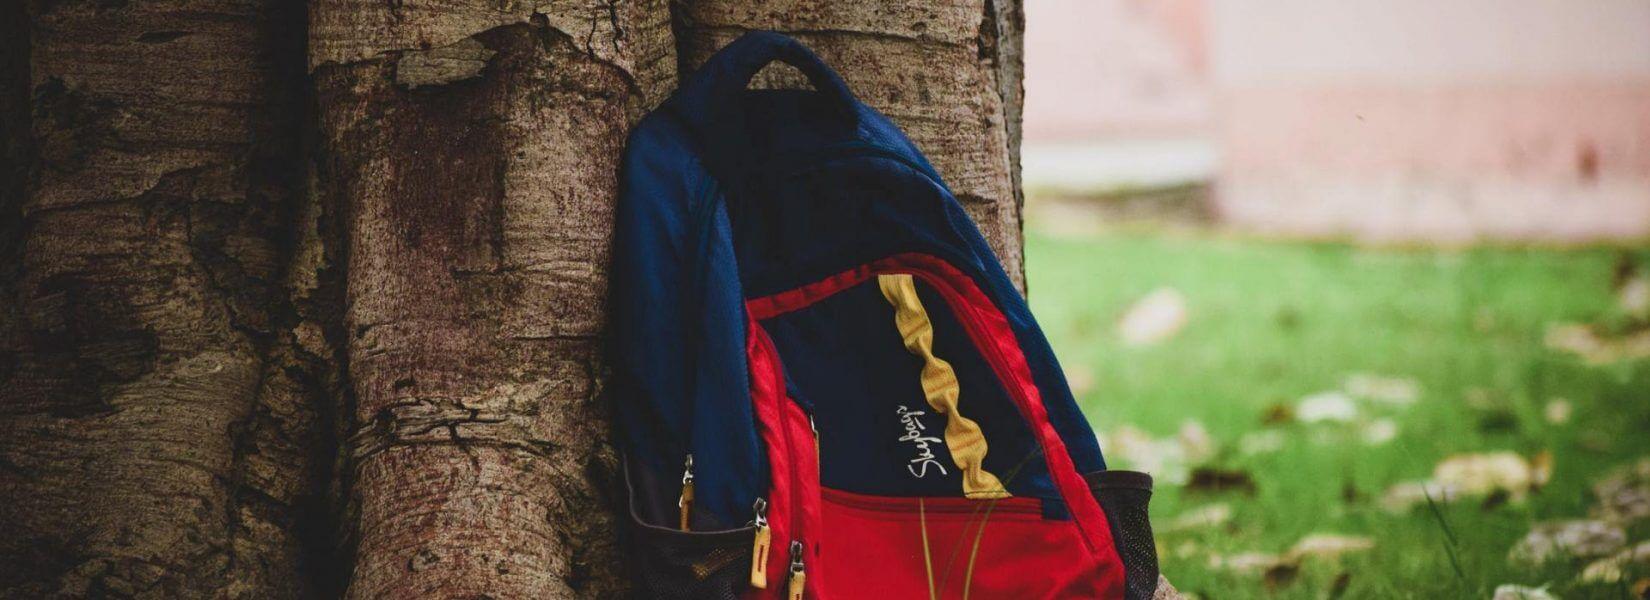 Πως θα καθαρίσετε την σχολική τσάντα του παιδιού σας;